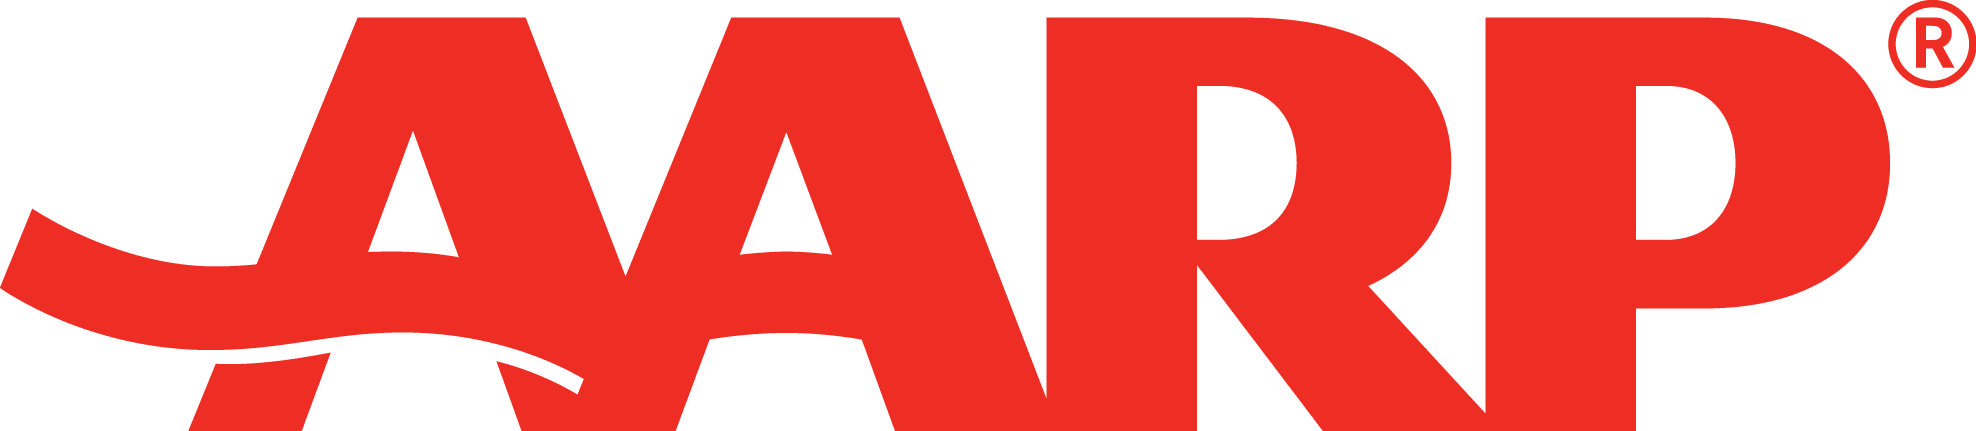 Aarp Health Insurance Quotes Medicareonvideoaarp  Aarp Medicare Supplement Plans